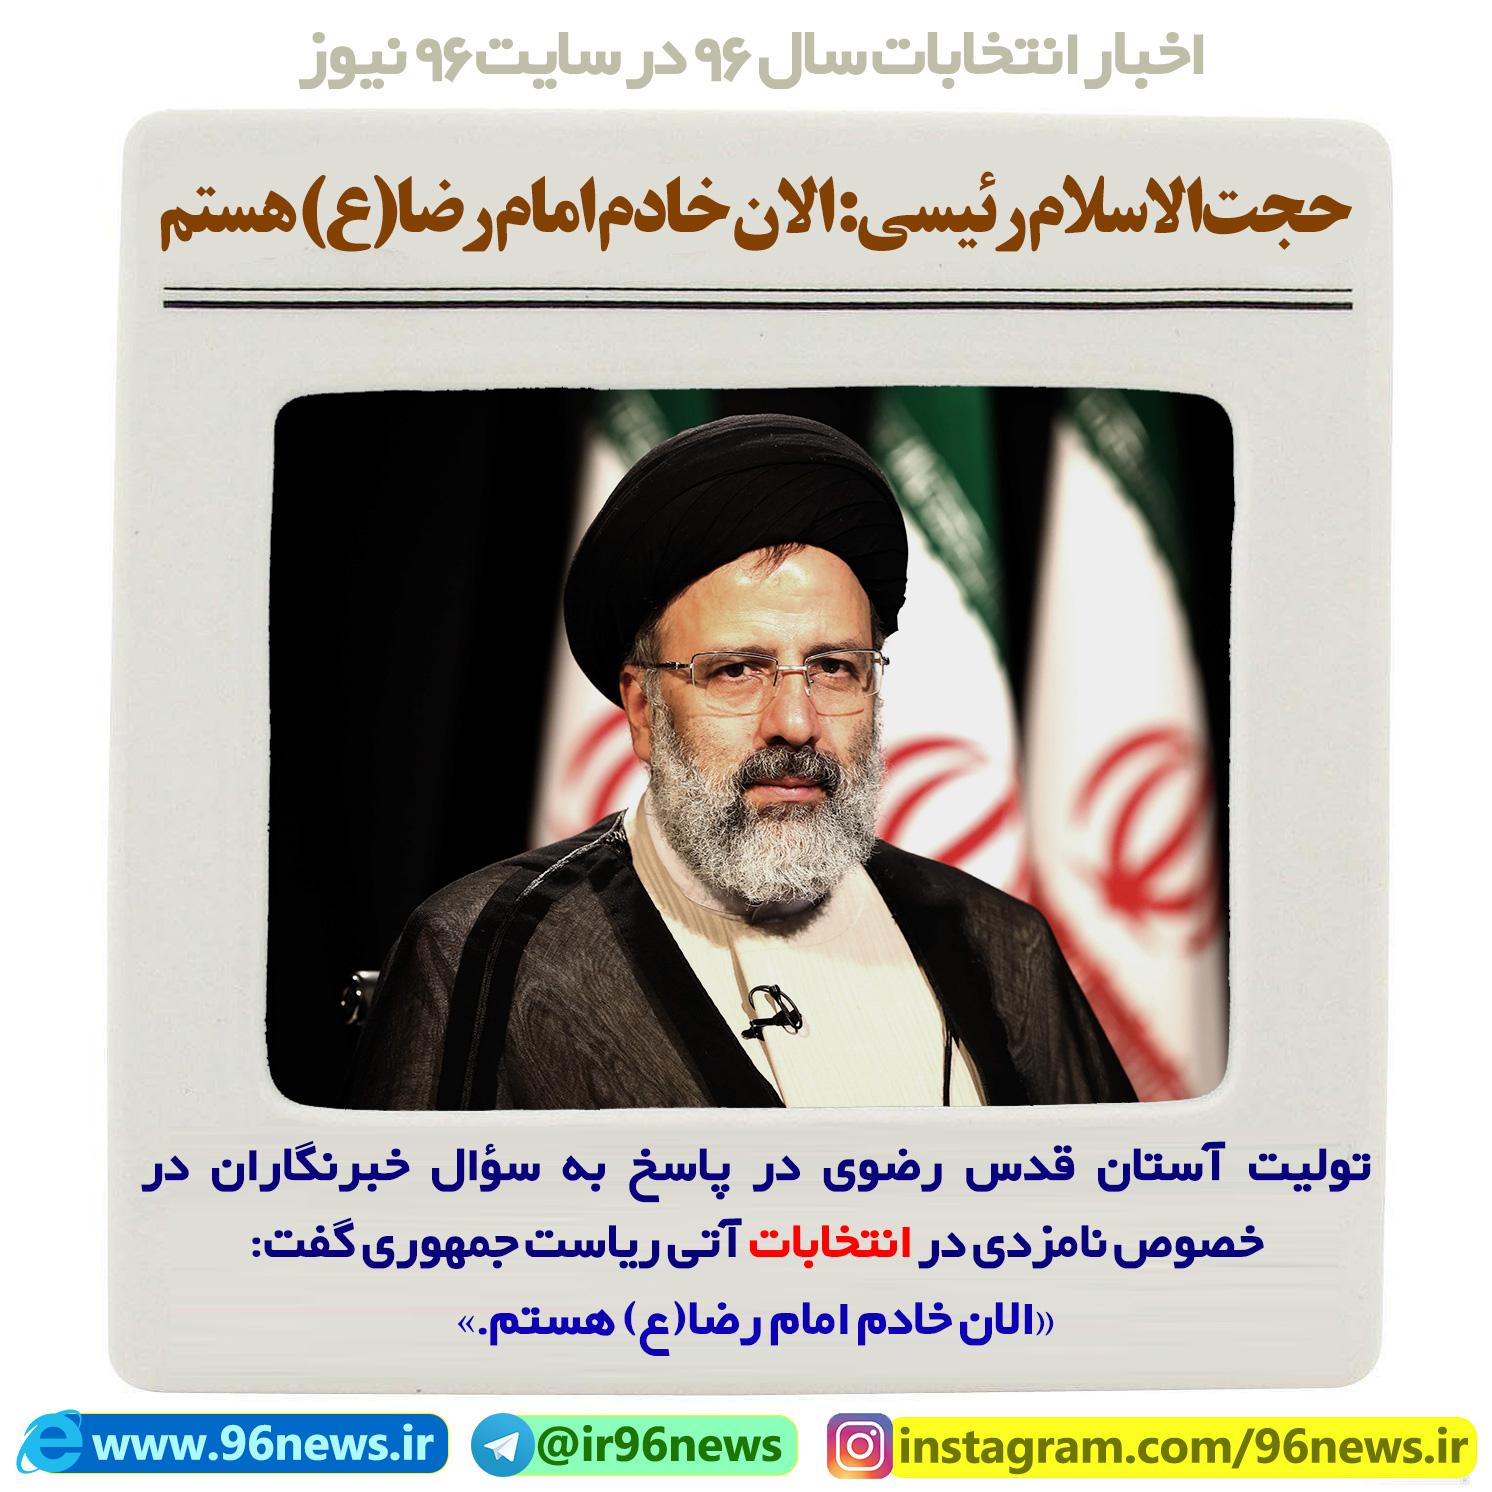 عکس نوشته اختصاصی انتخاباتی«کاندیداتوری حجت الاسلام رئیسی» سایت ۹۶ نیوز